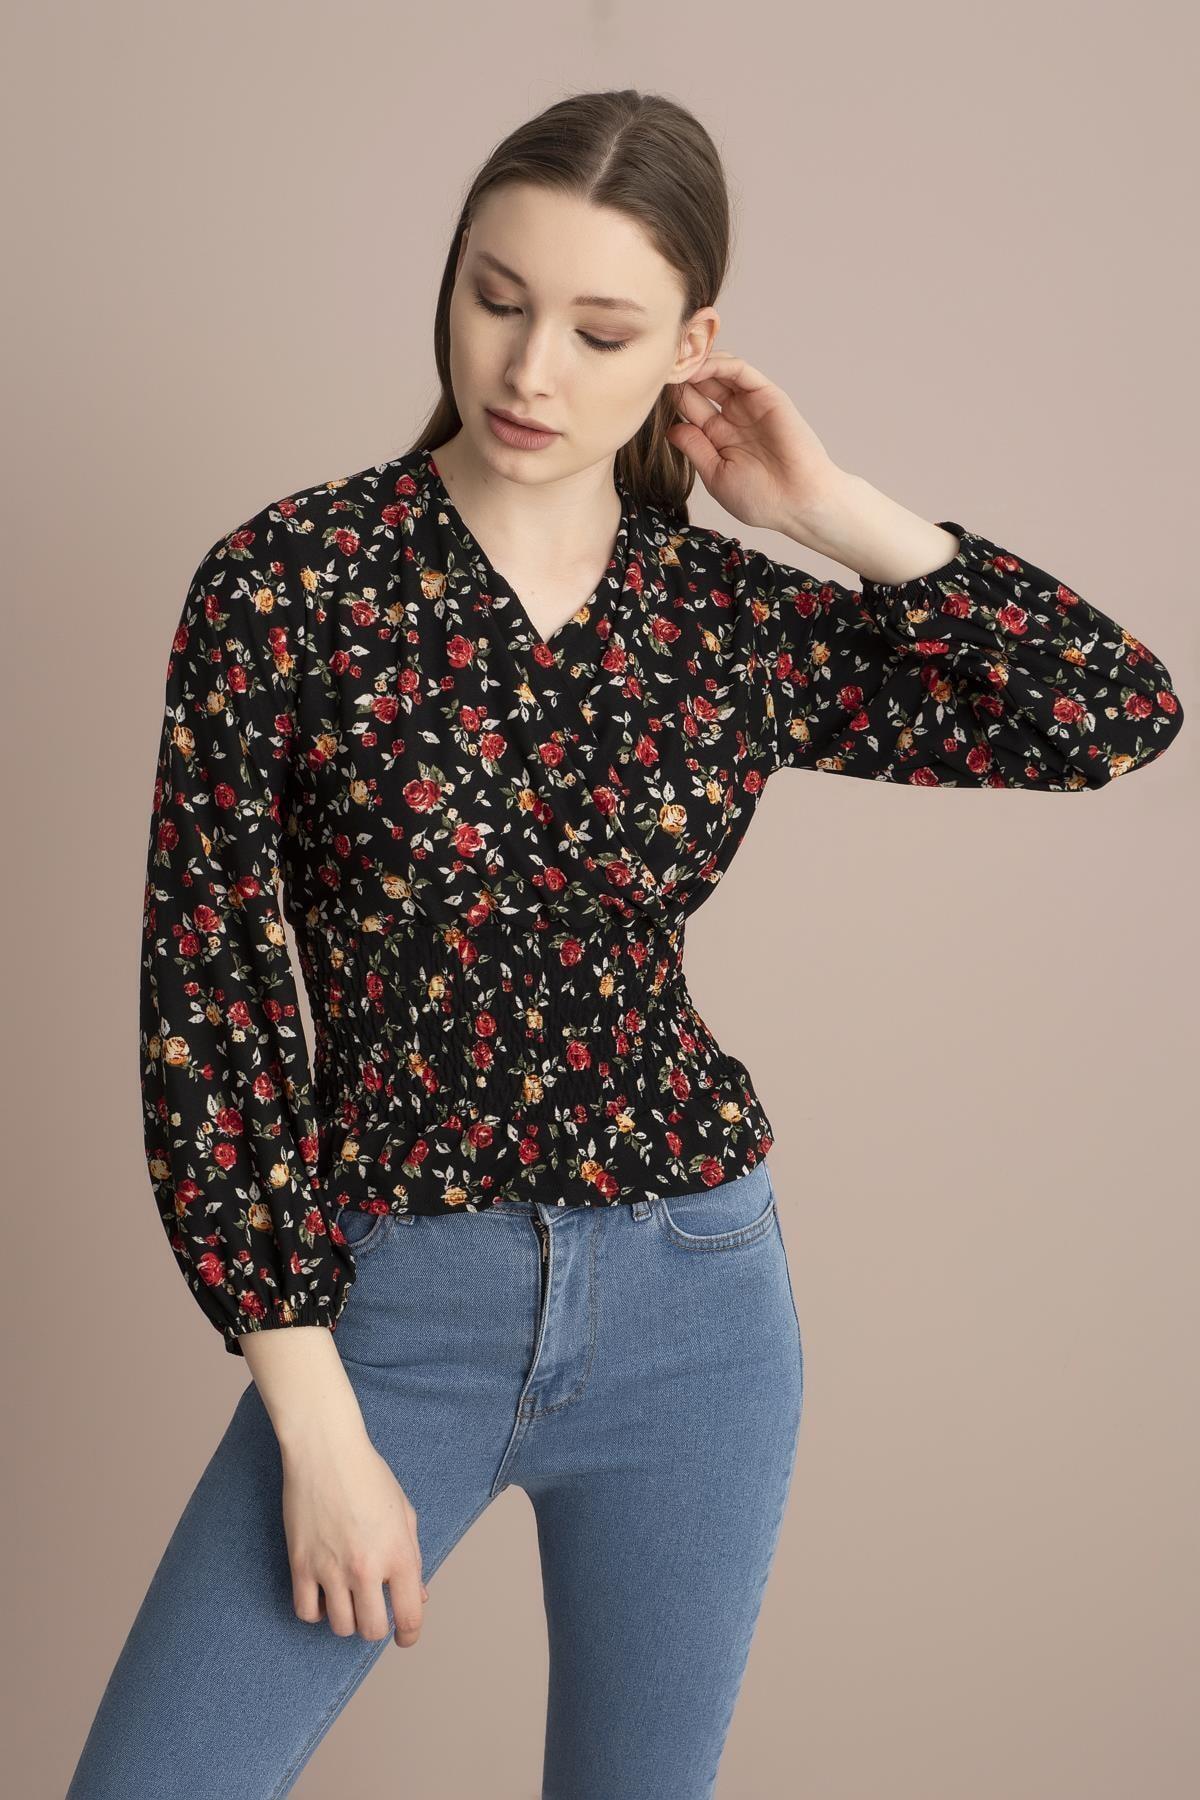 TENA MODA Kadın Siyah Kırmızı Çiçekli Örme Crep Gipeli Bluz 1